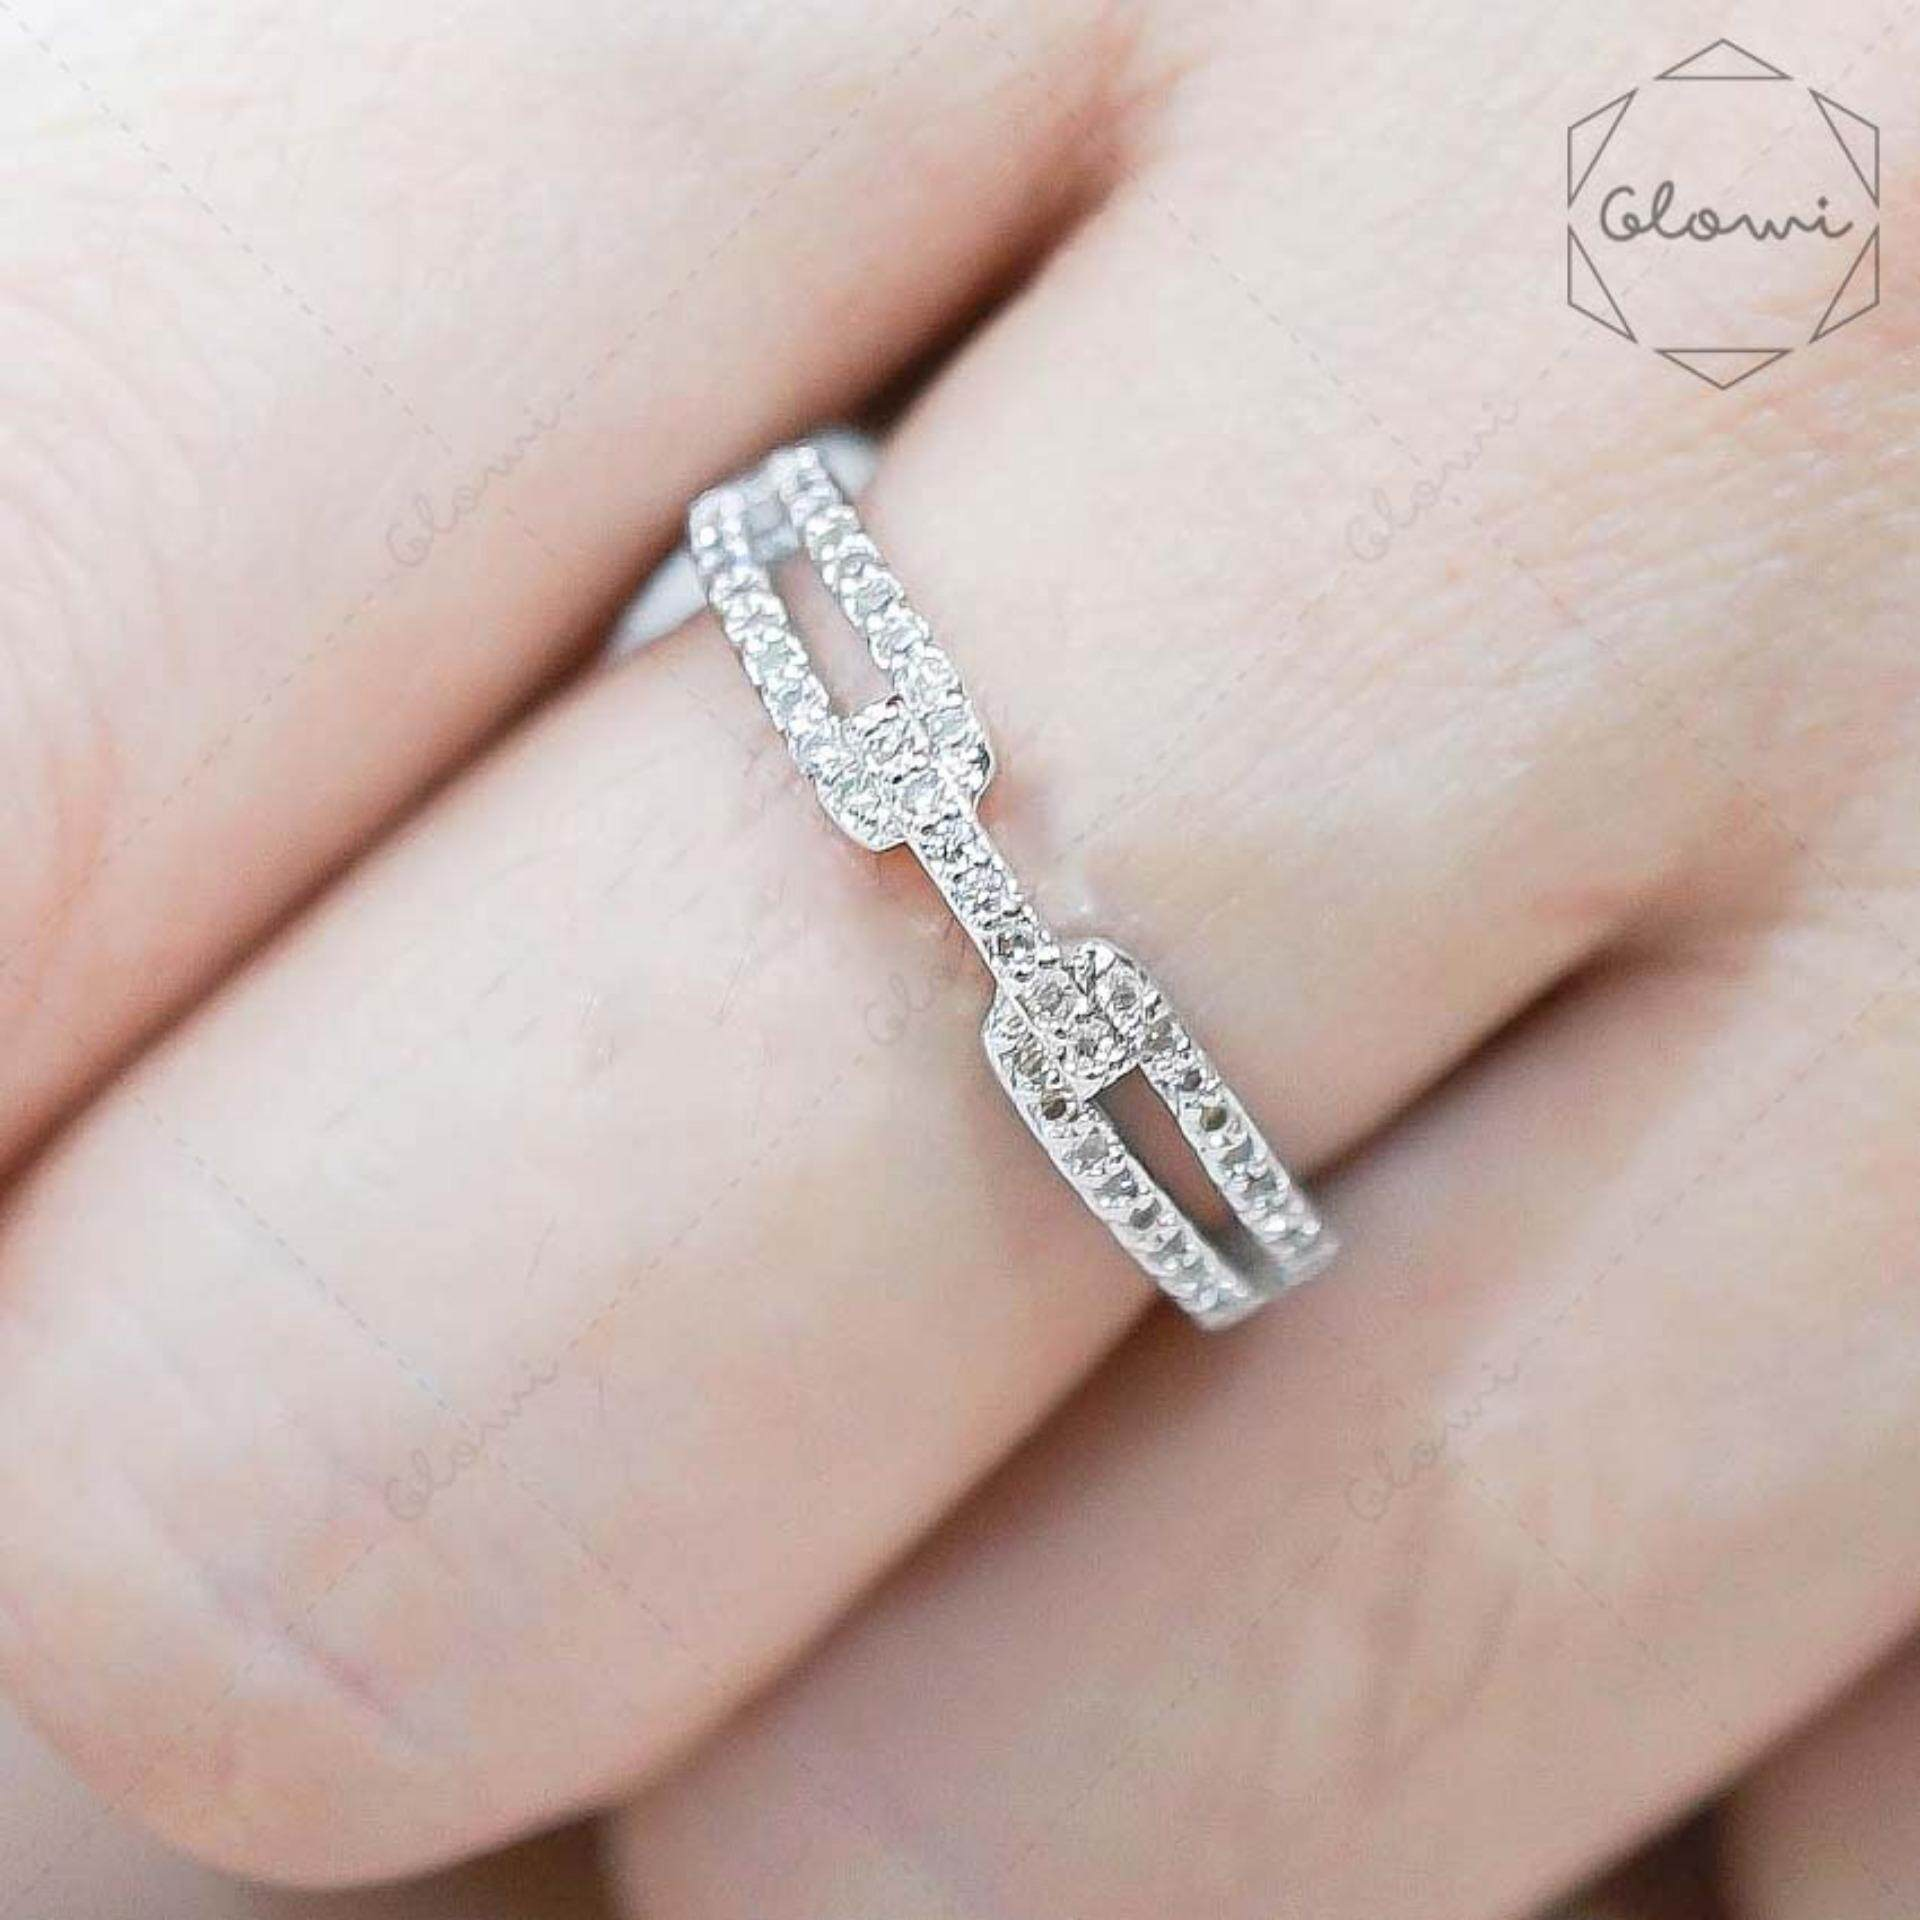 ส่วนลด Bewi G แหวนชุบทองคำขาว ฝังเพชร Cz ล้อมรอบวง ทรงลาย เข็มขัด รุ่น Bg R0053 สีเงิน Silver ไทย